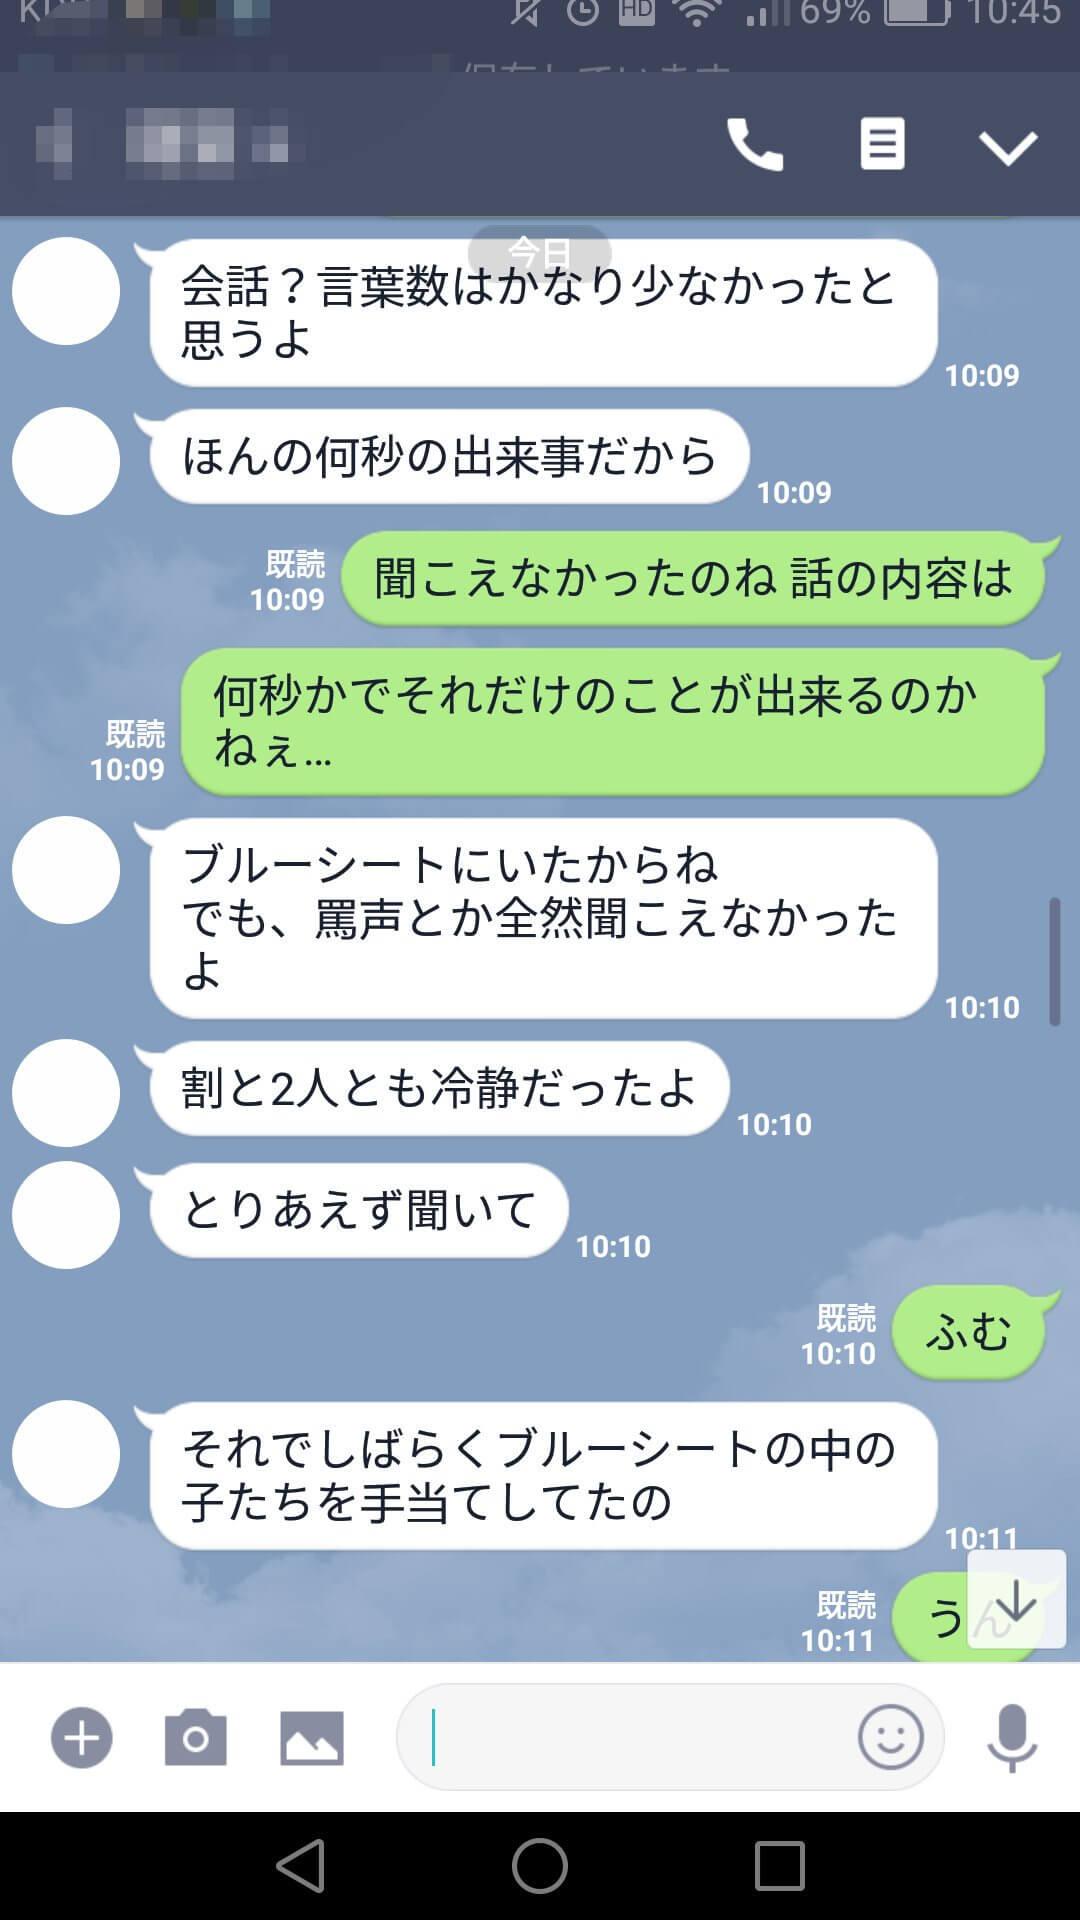 新橋駅前SL広場の騒動についてさなさん(@sana_seria)が関係者に事実関係を確認したキャプチャ画像6